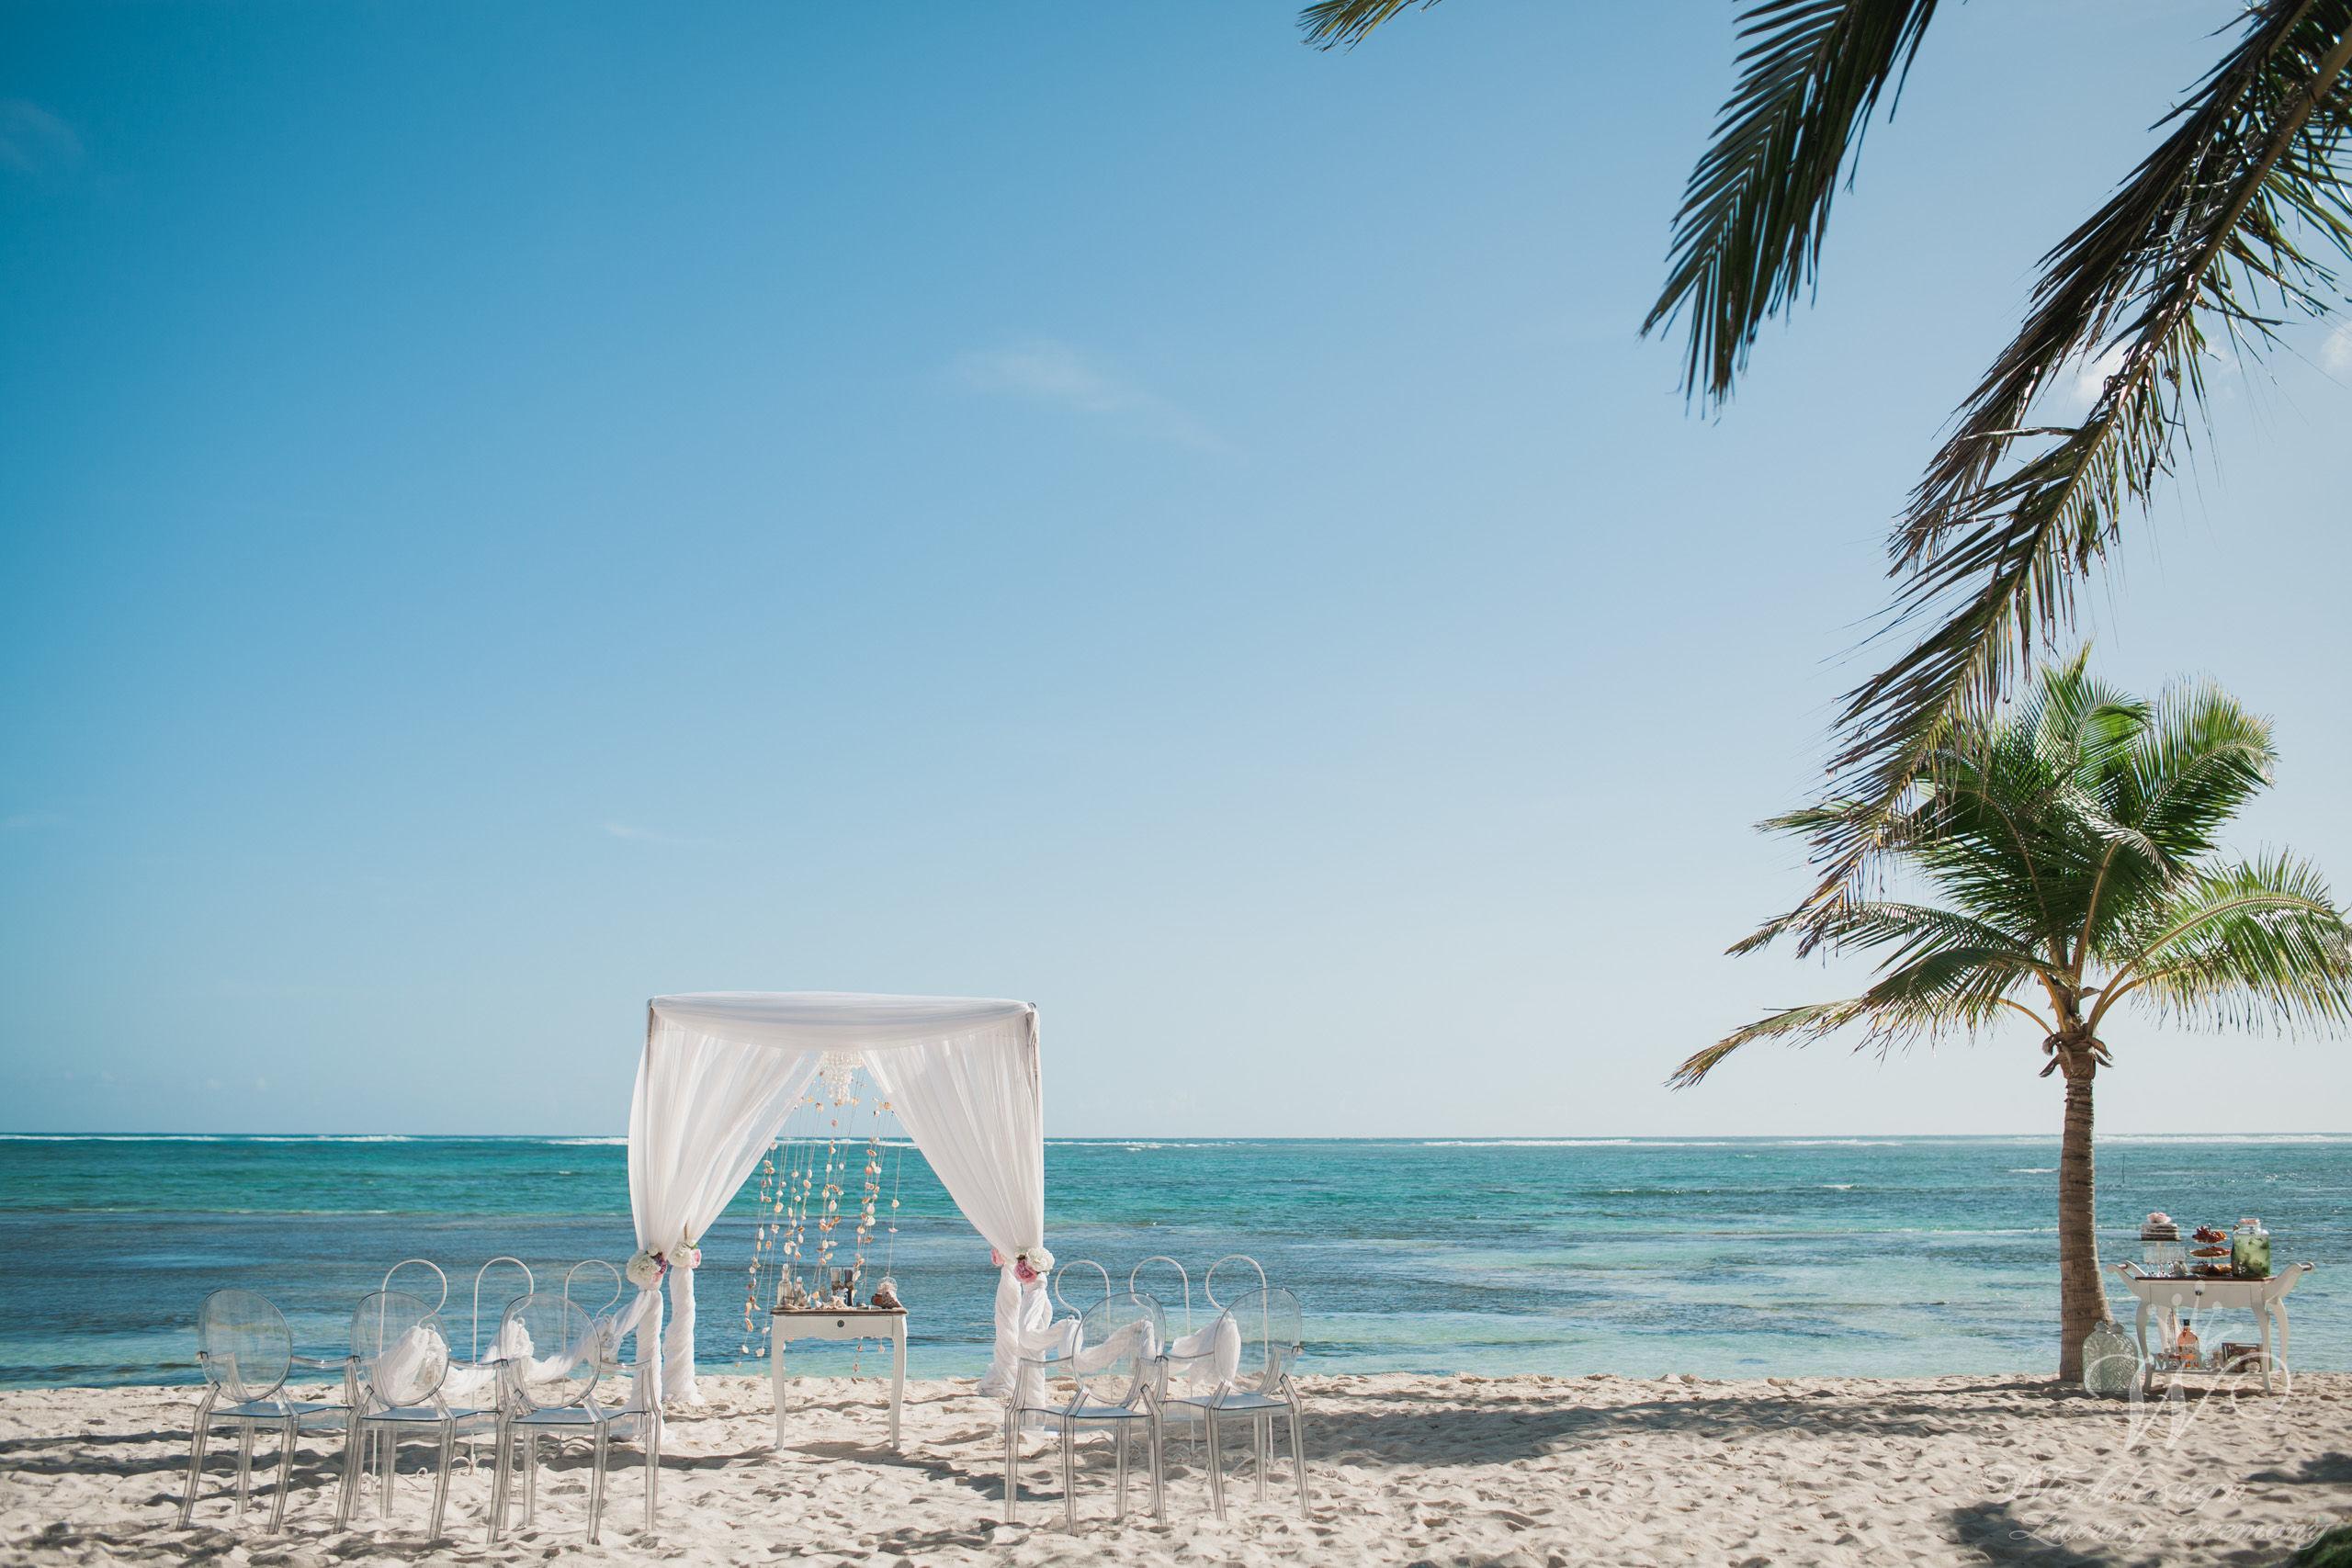 Приватно фото на пляже